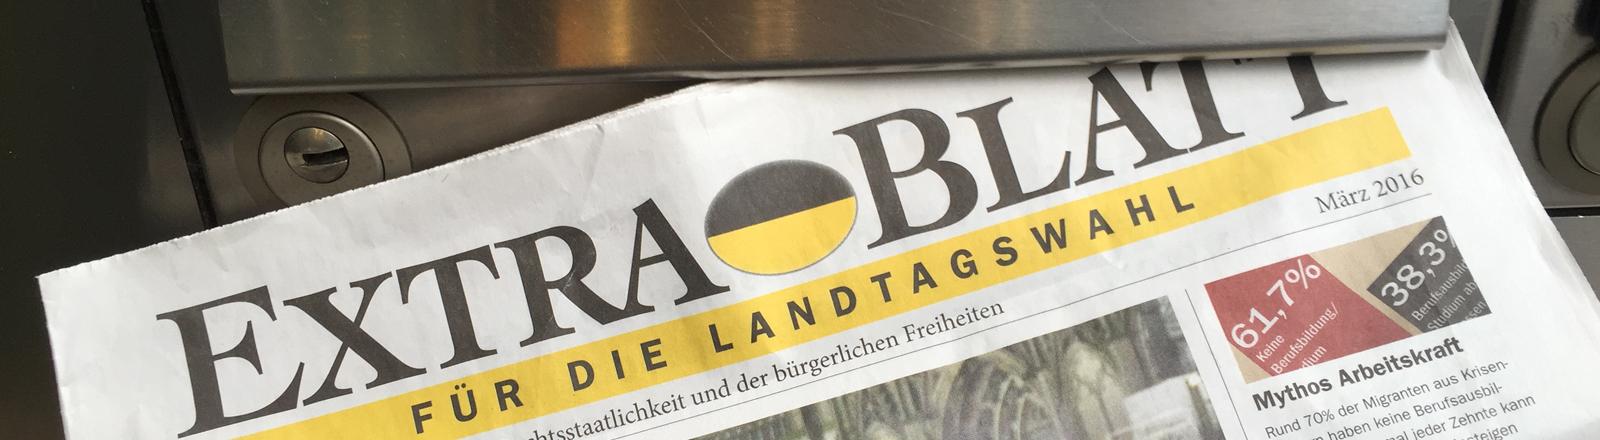 """""""Extrablatt"""" - Wahlwerbung für die AfD im Briefkasten"""